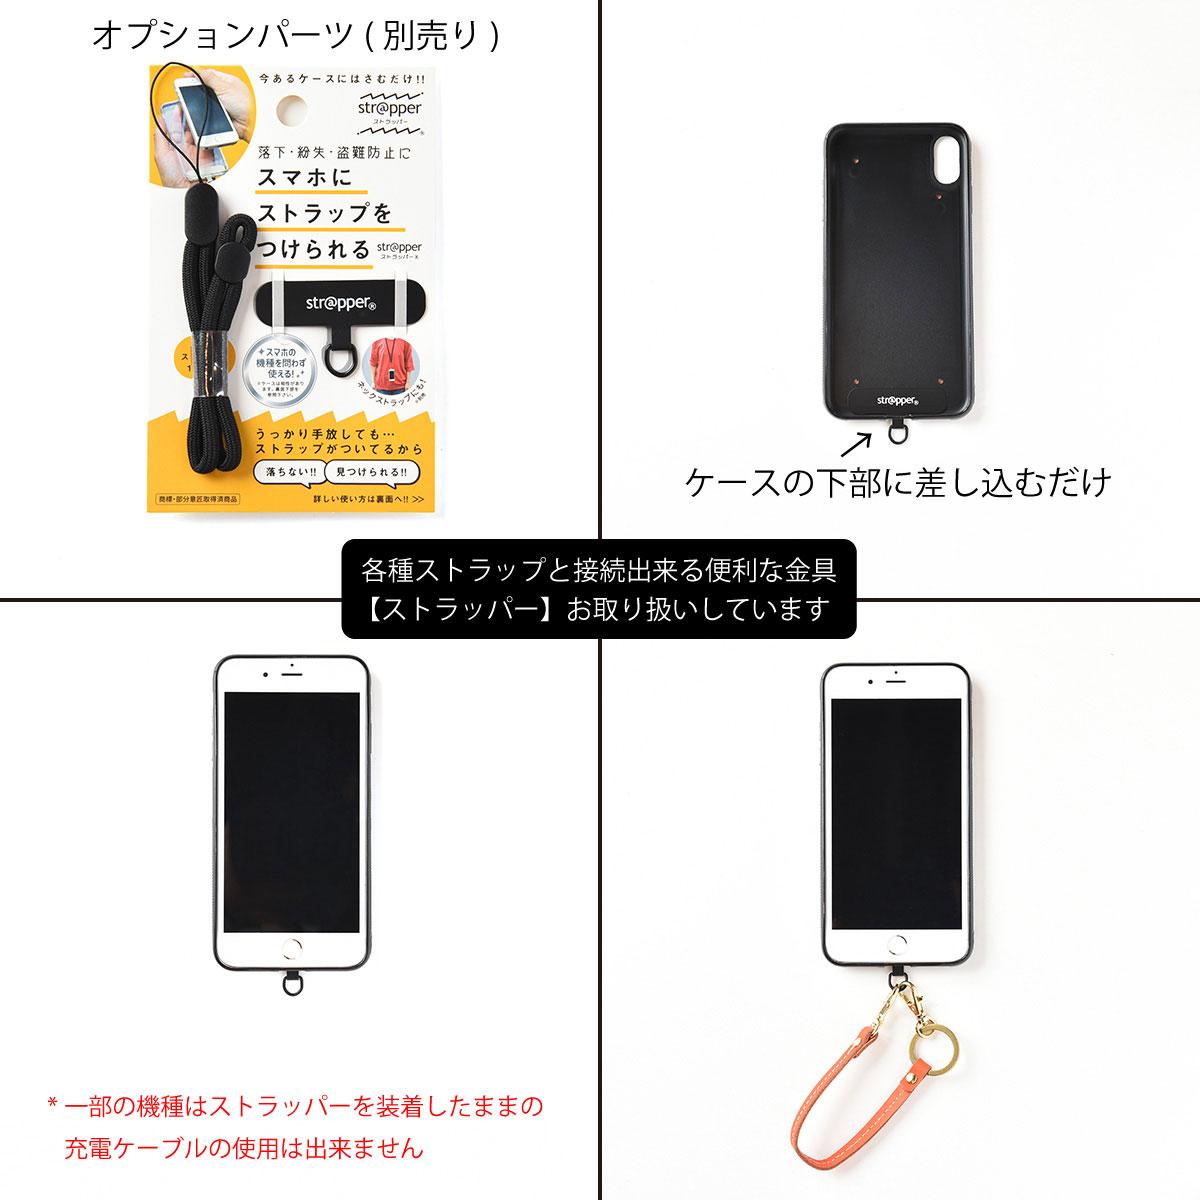 iPhoneOpenCase:   Design K_2:ミニマーク埋込み/ハート右上